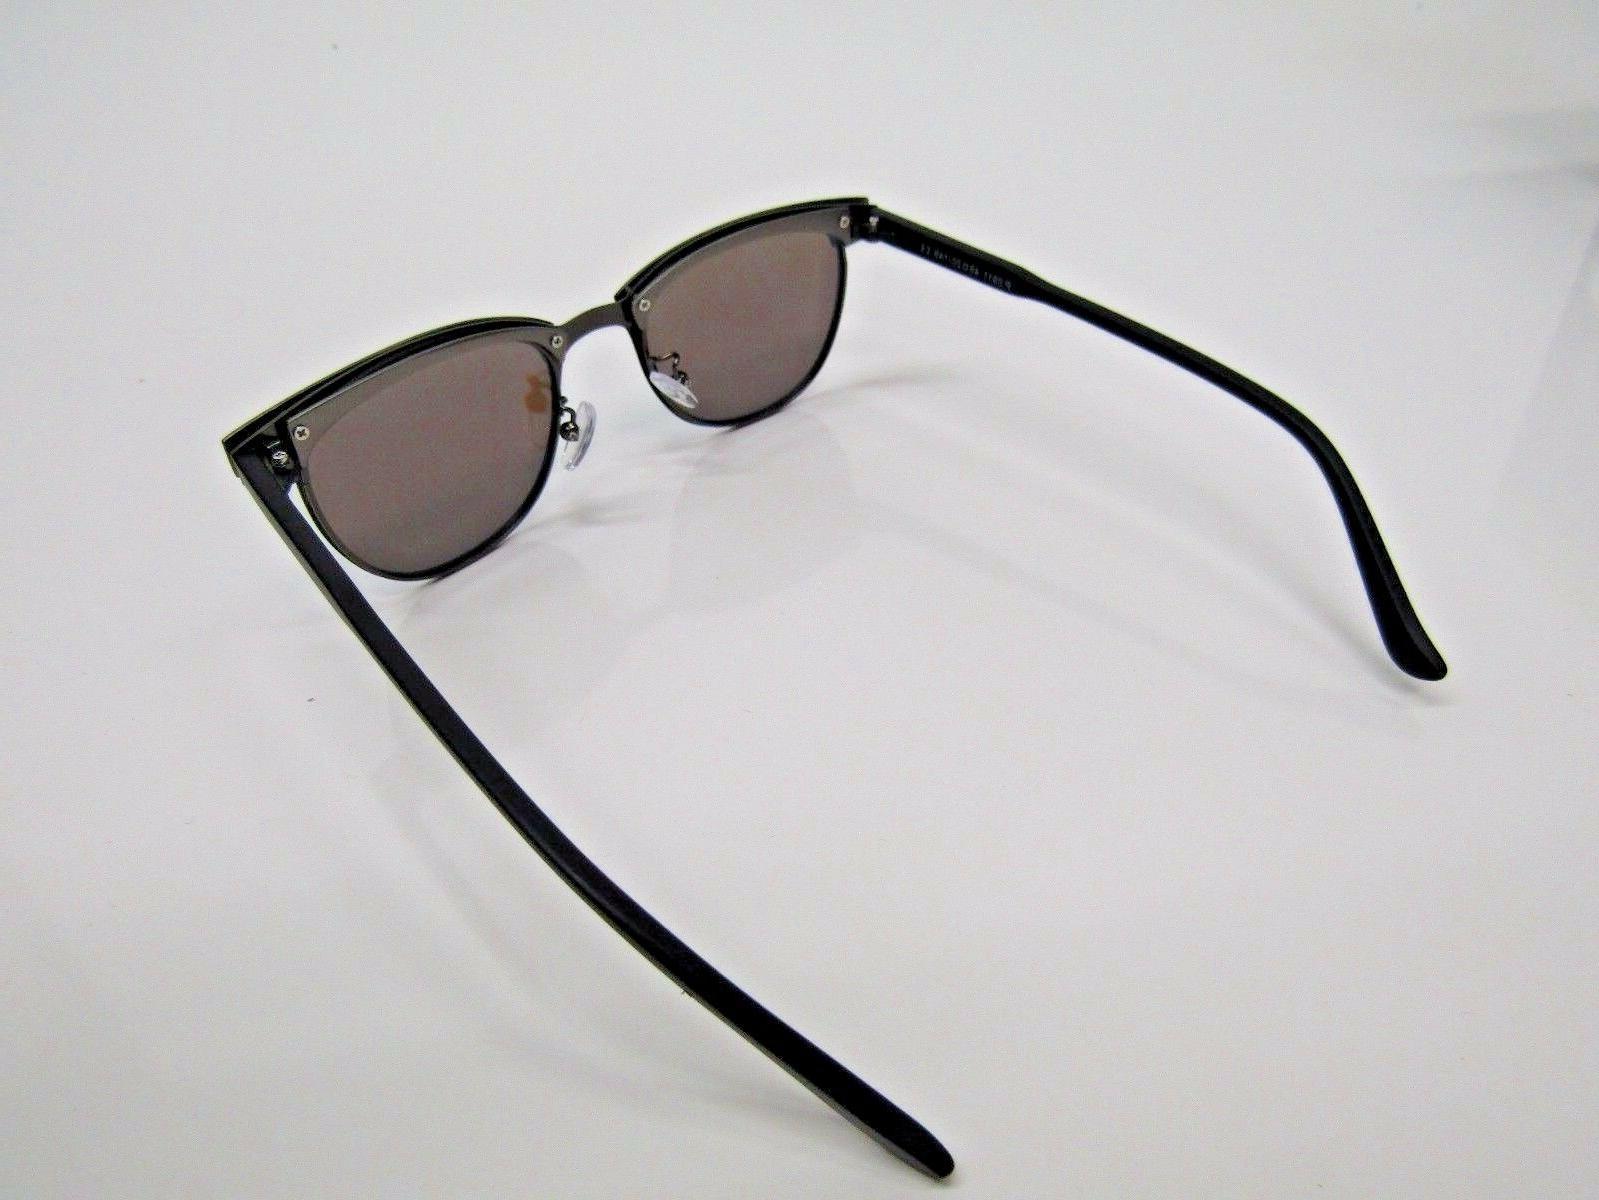 Joopin Sunglasses H9041-10 Metal Blue